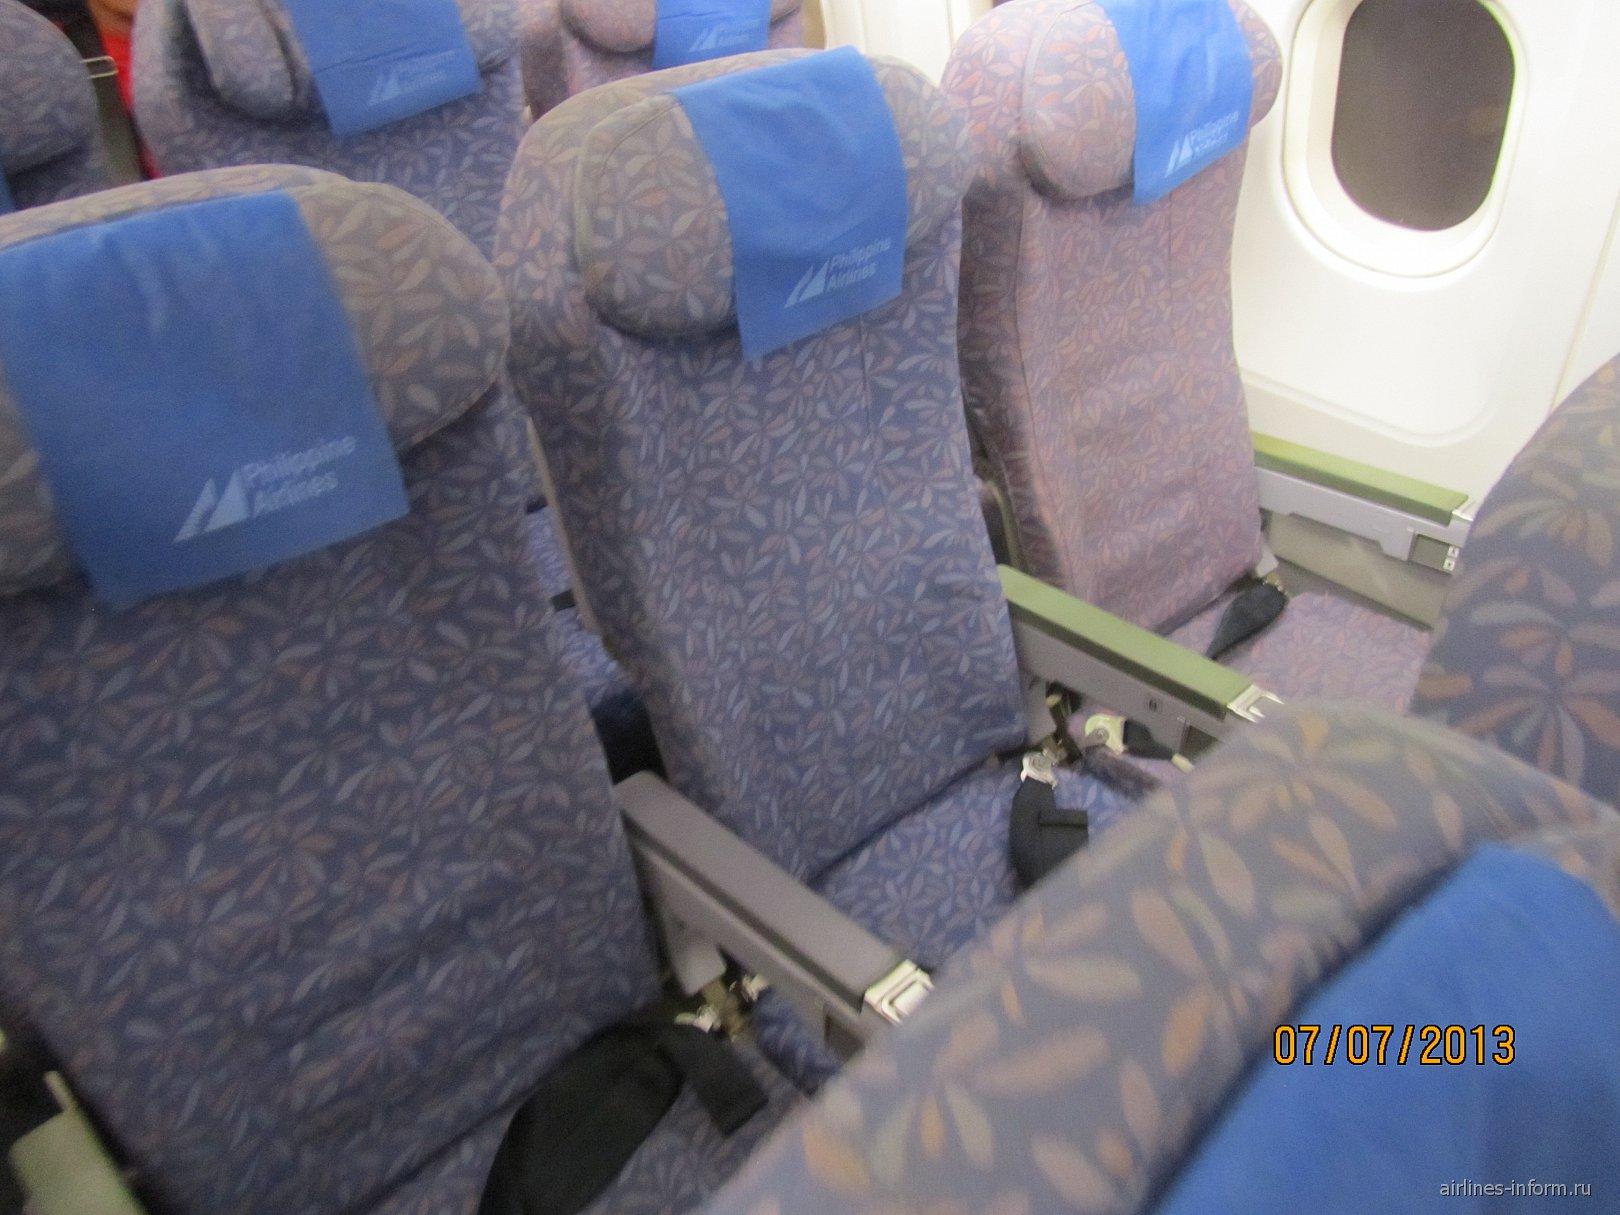 Пассажирские кресла в самолете Airbus A320 Филиппинских авиалиний